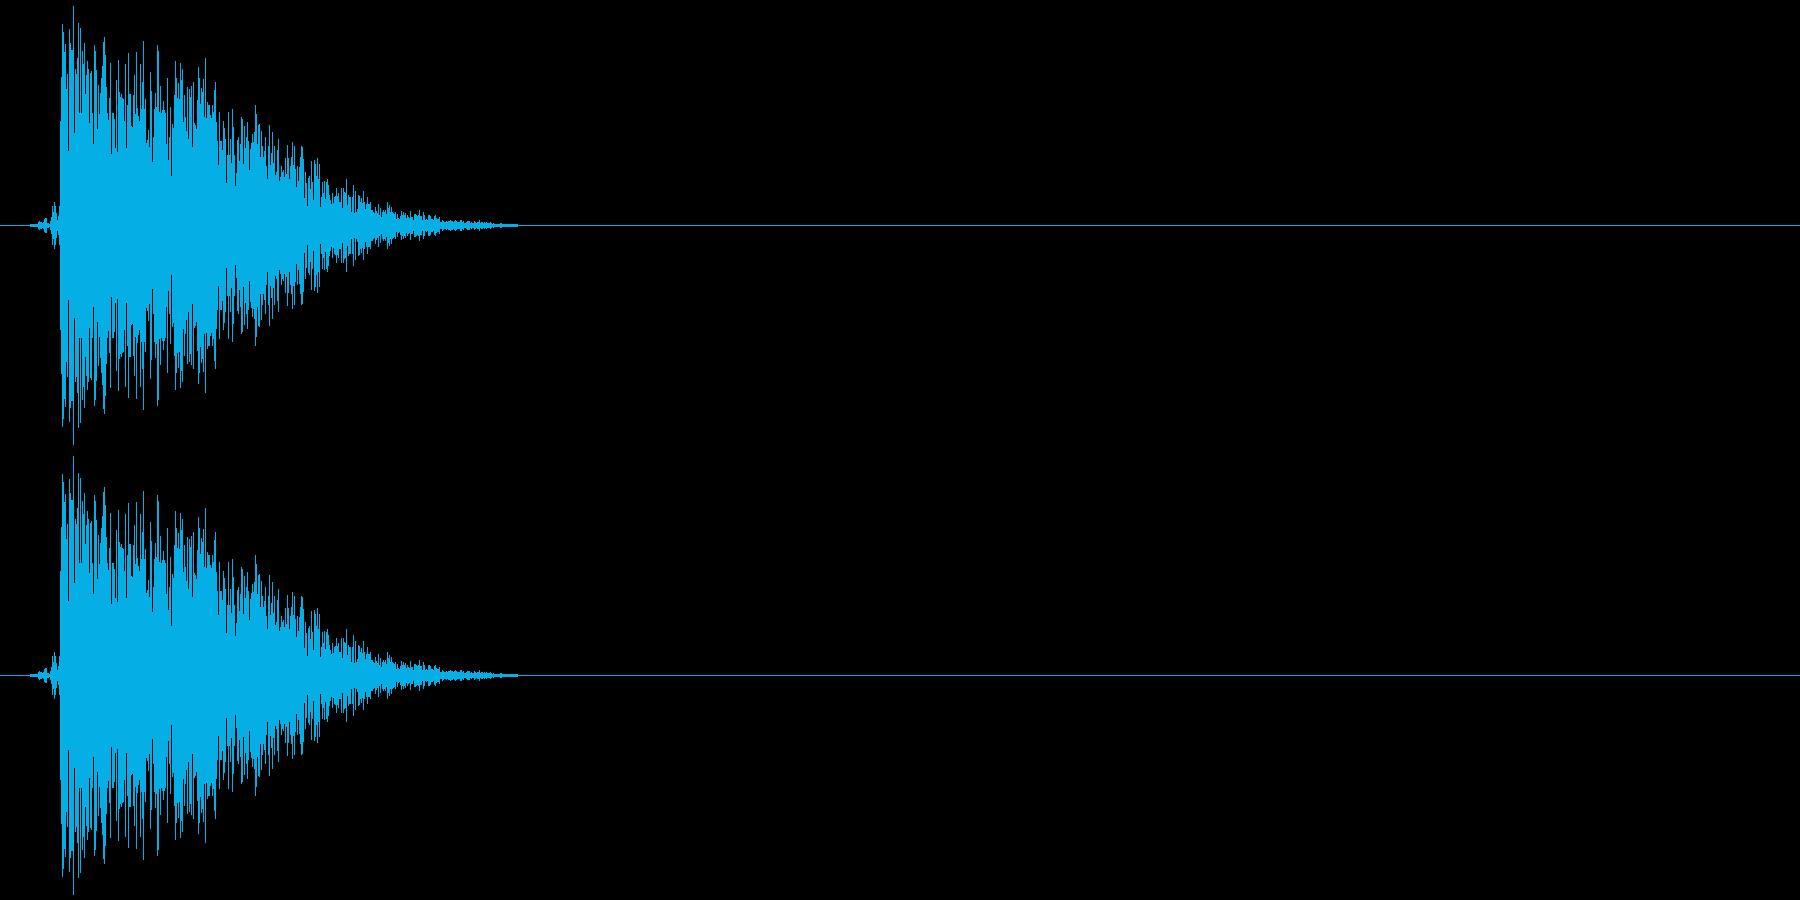 ハードフェイススラップ;ヴィンテー...の再生済みの波形